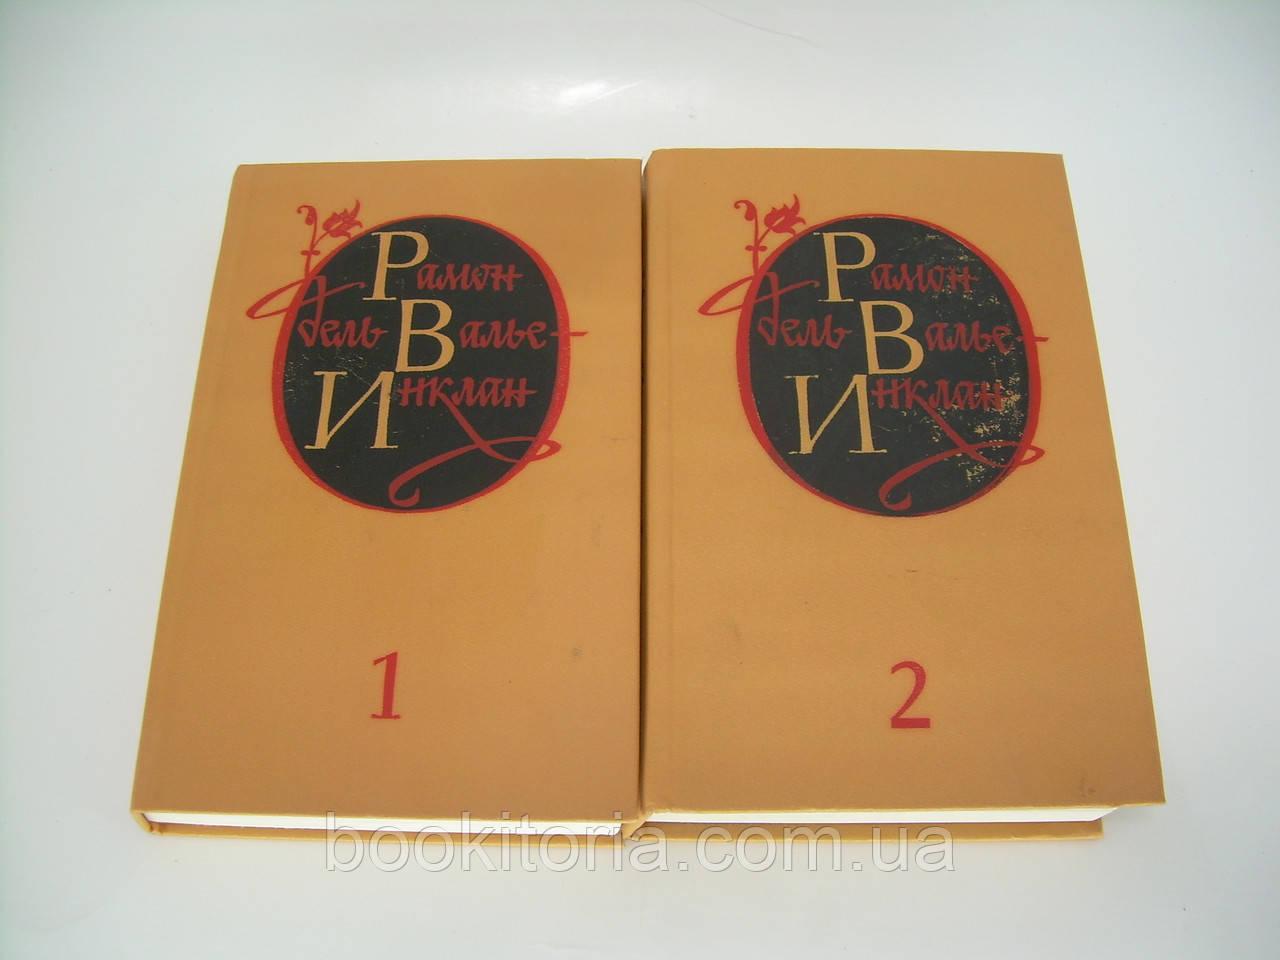 Валье-Инклан Р. дель. Избранные произведения. В двух томах (б/у).